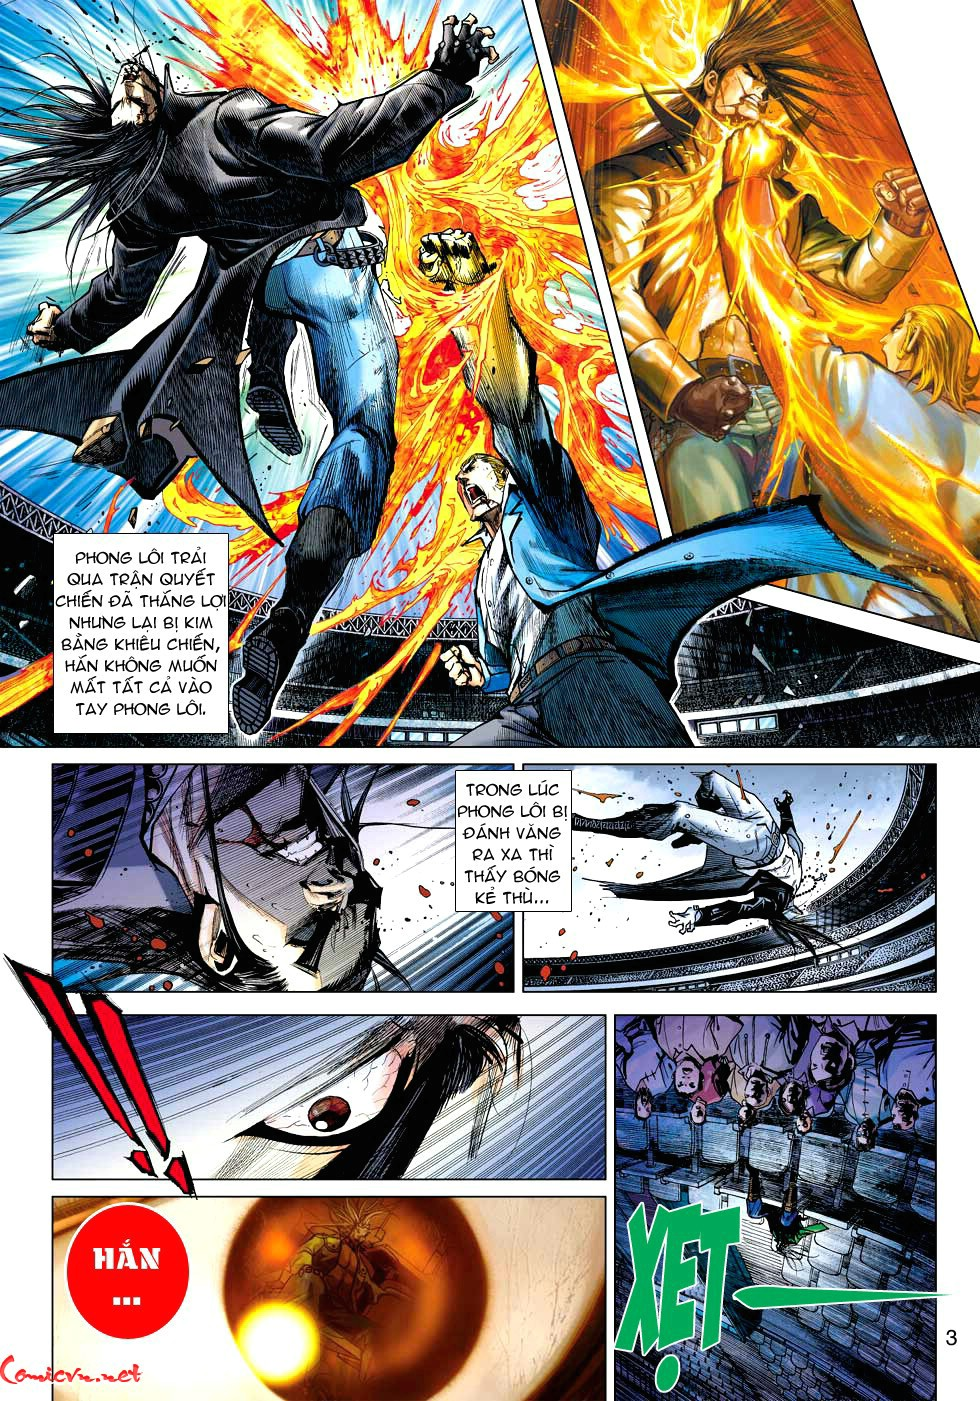 Vương Phong Lôi 1 chap 34 - Trang 3